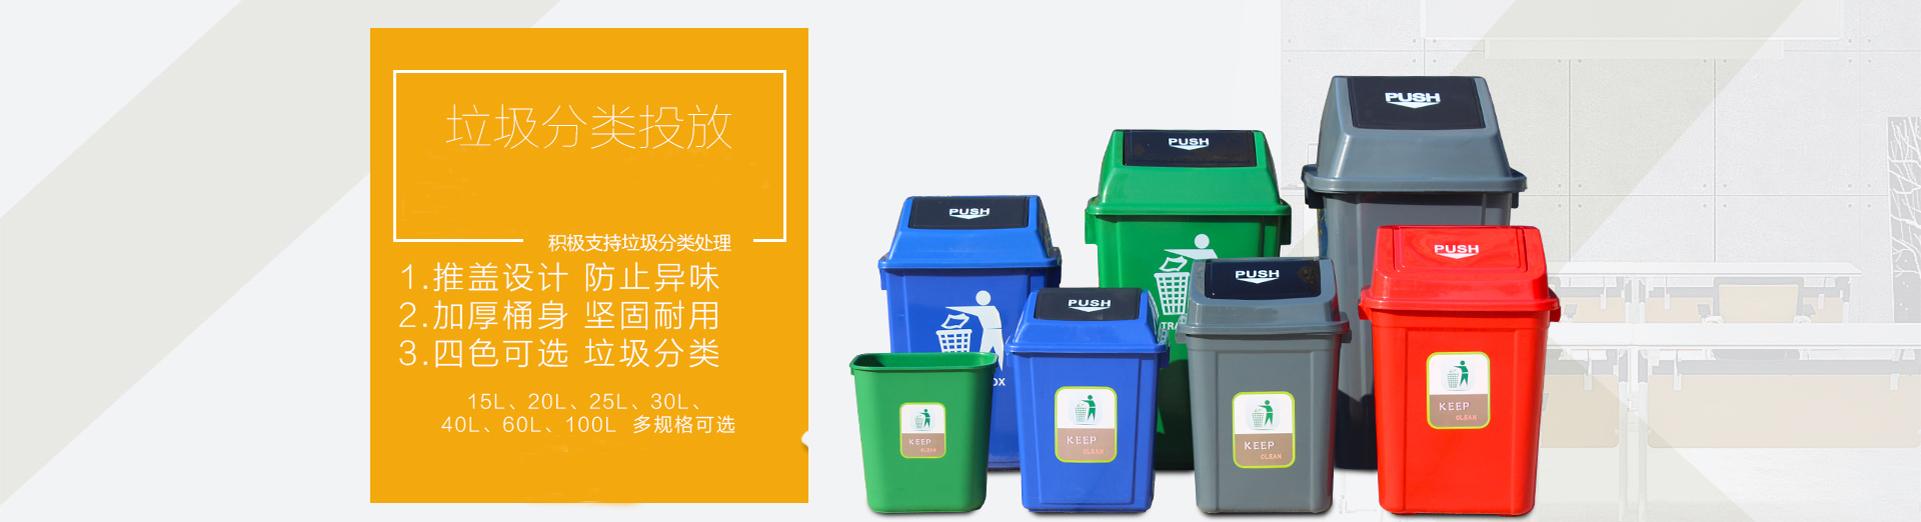 陕西垃圾桶